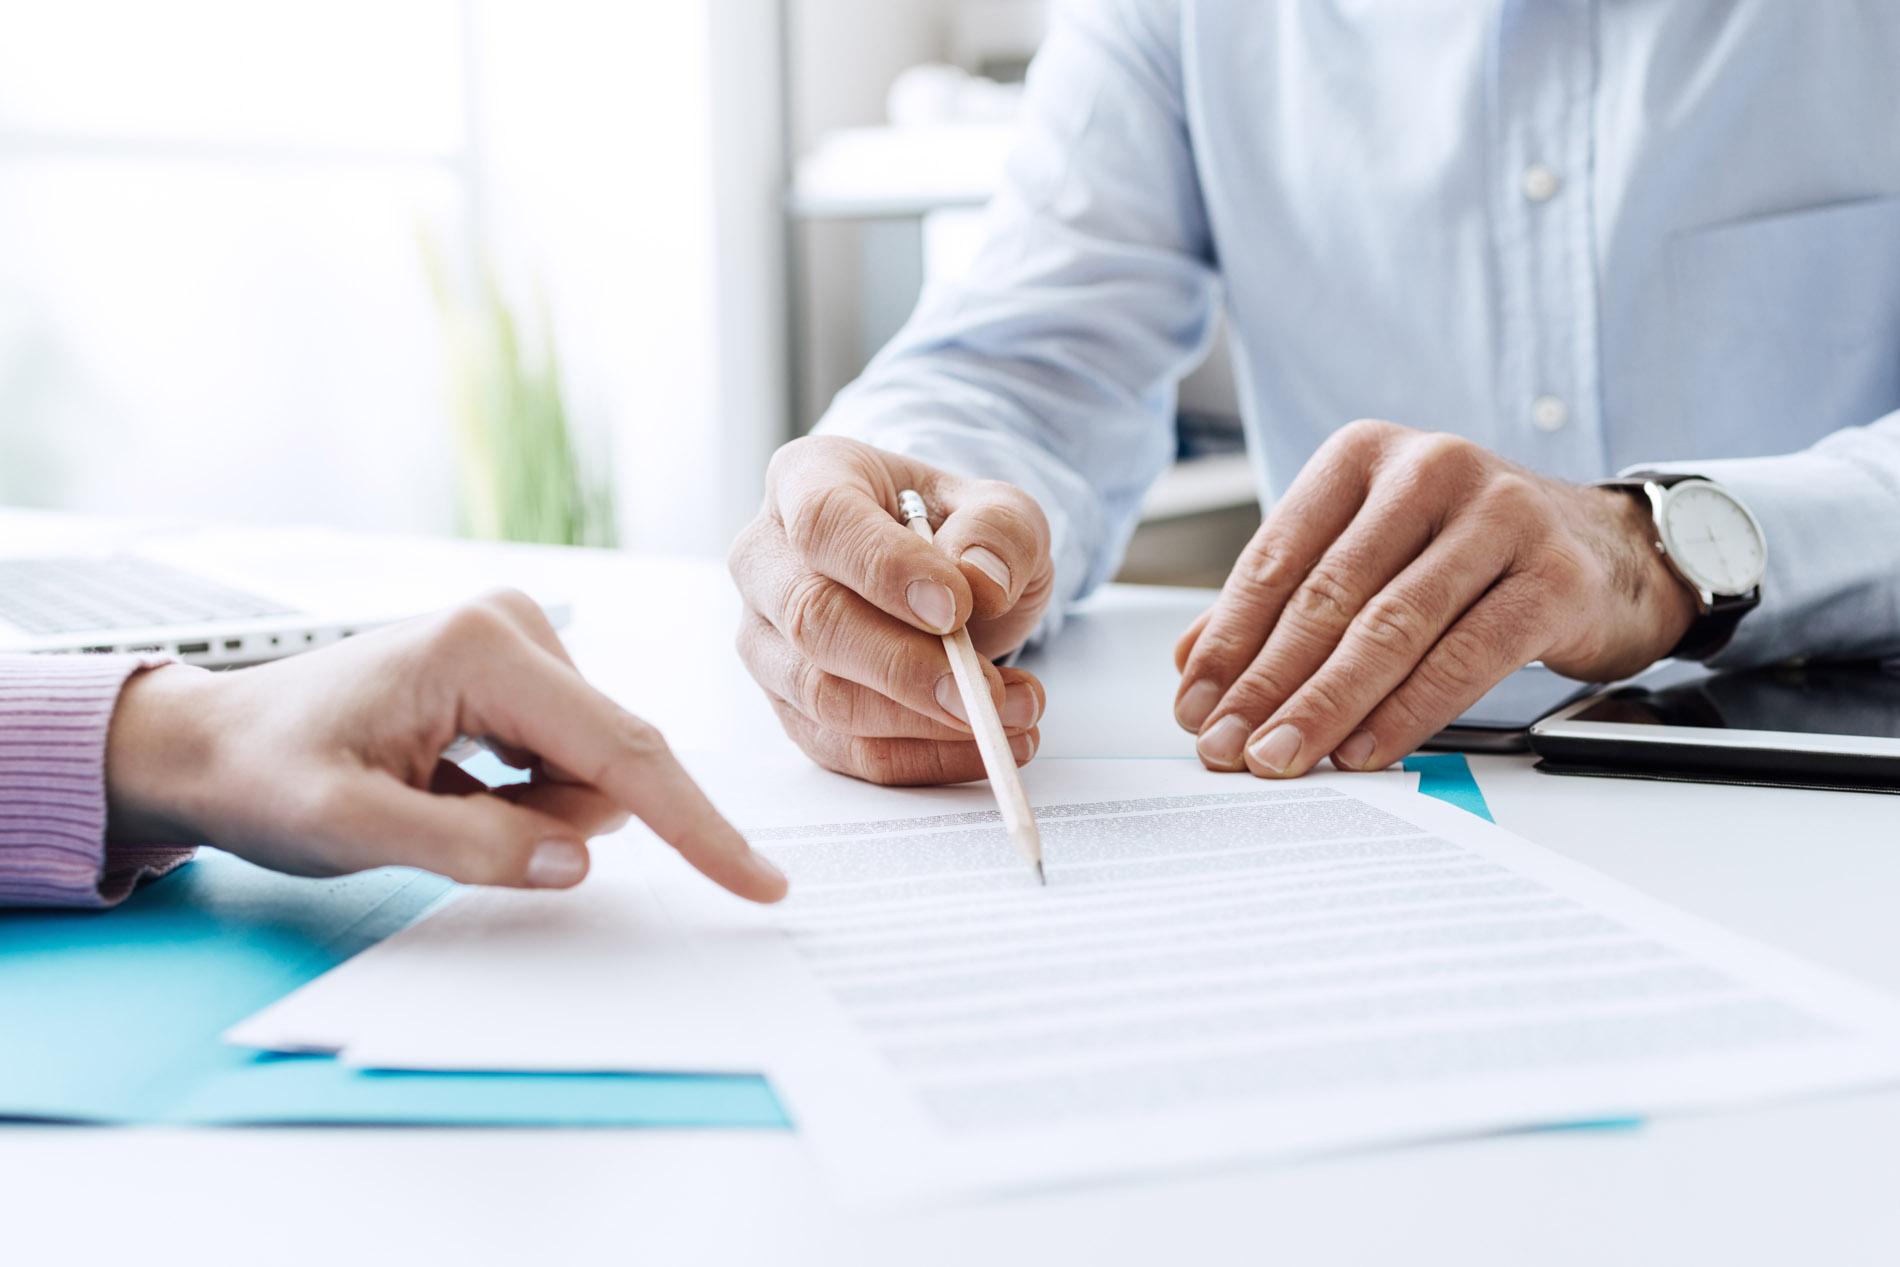 alsace construction contrat de construction avec toutes les garanties indispensables